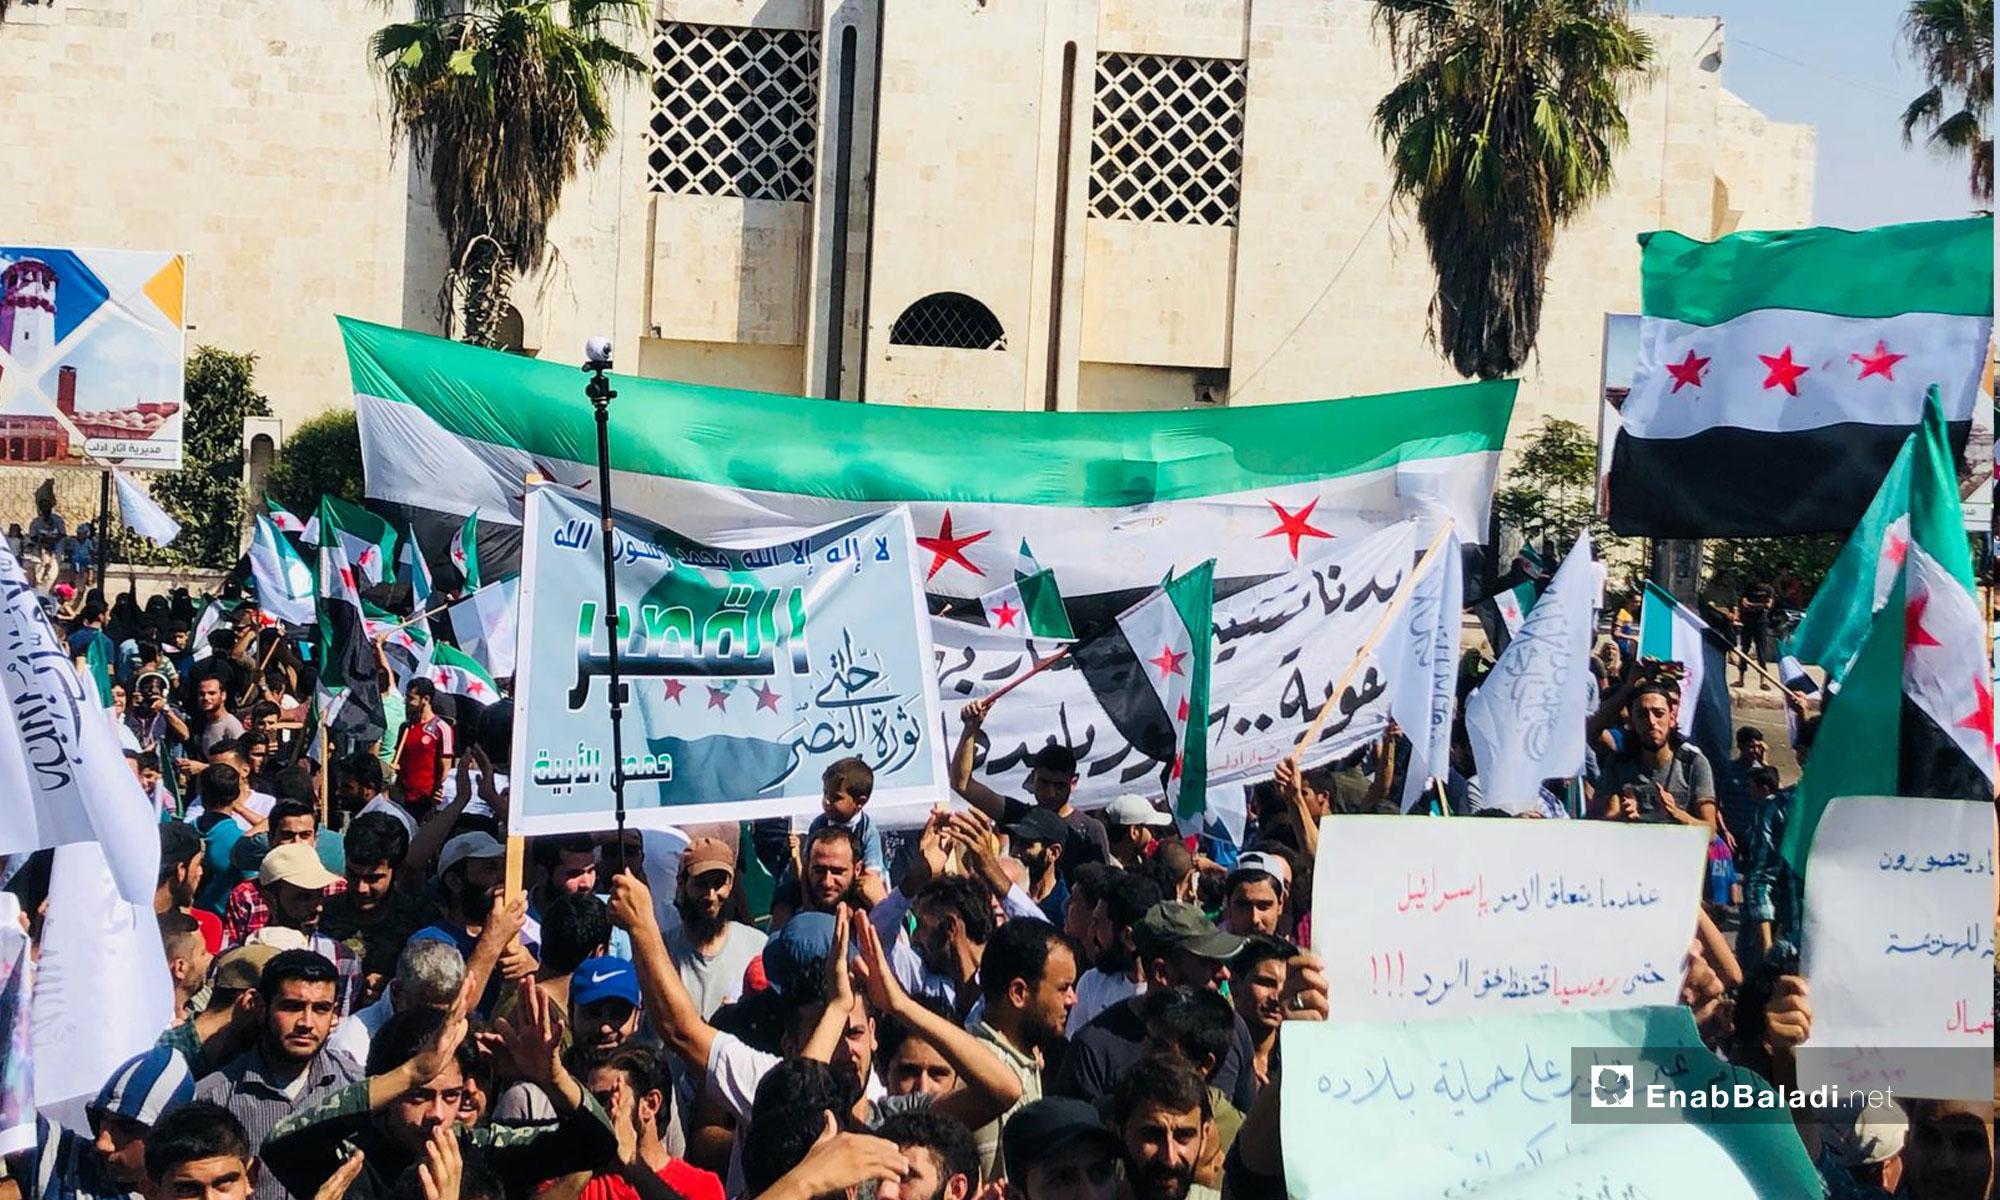 مظاهرات تطالب بتجديد الثورة والإفراج عن المعتقلين في مدينة إدلب  - 21 من أيلول 2018 (عنب بلدي)